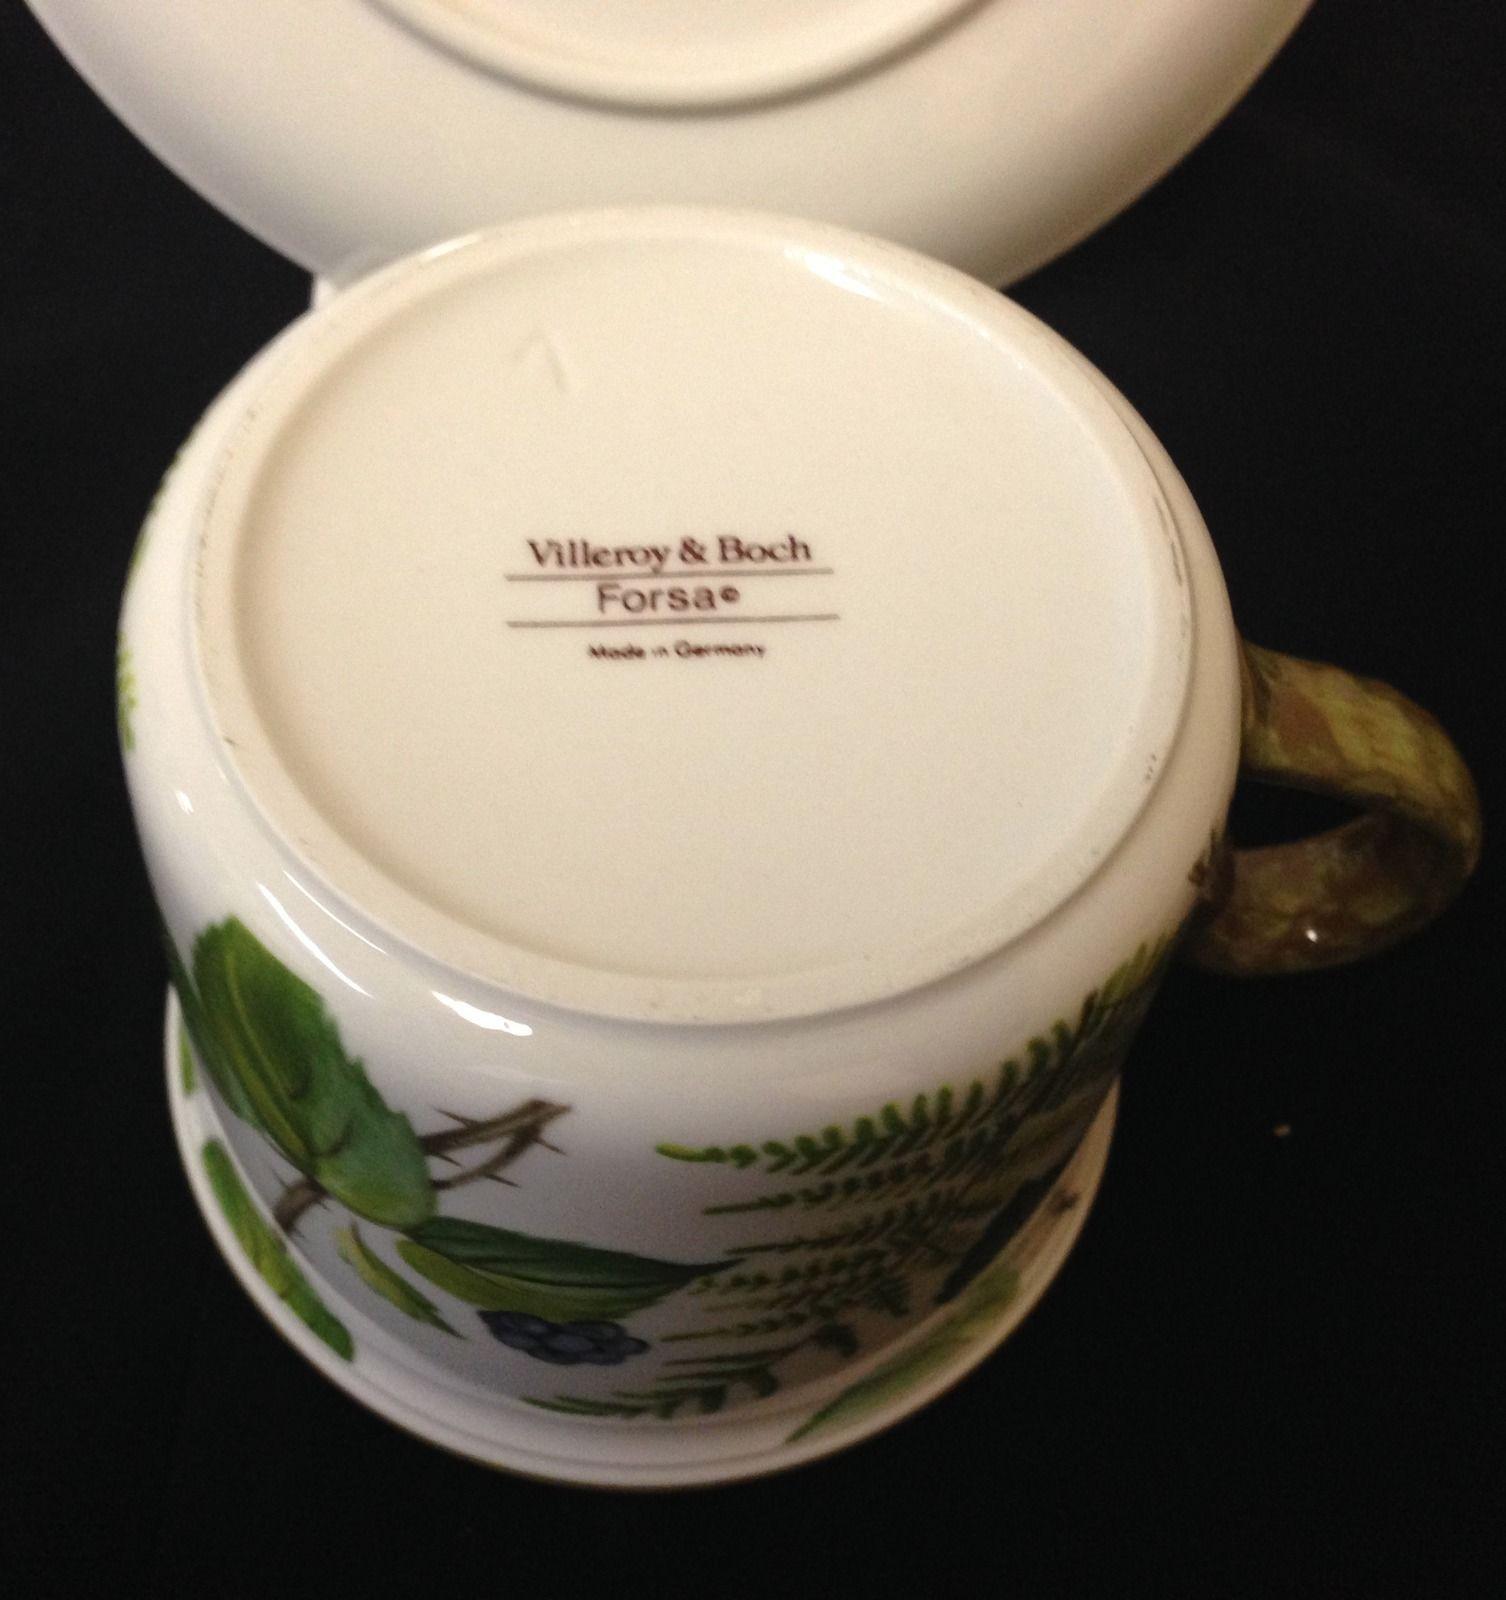 villeroy boch forsa flat demitasse cup and saucer set villeroy boch. Black Bedroom Furniture Sets. Home Design Ideas